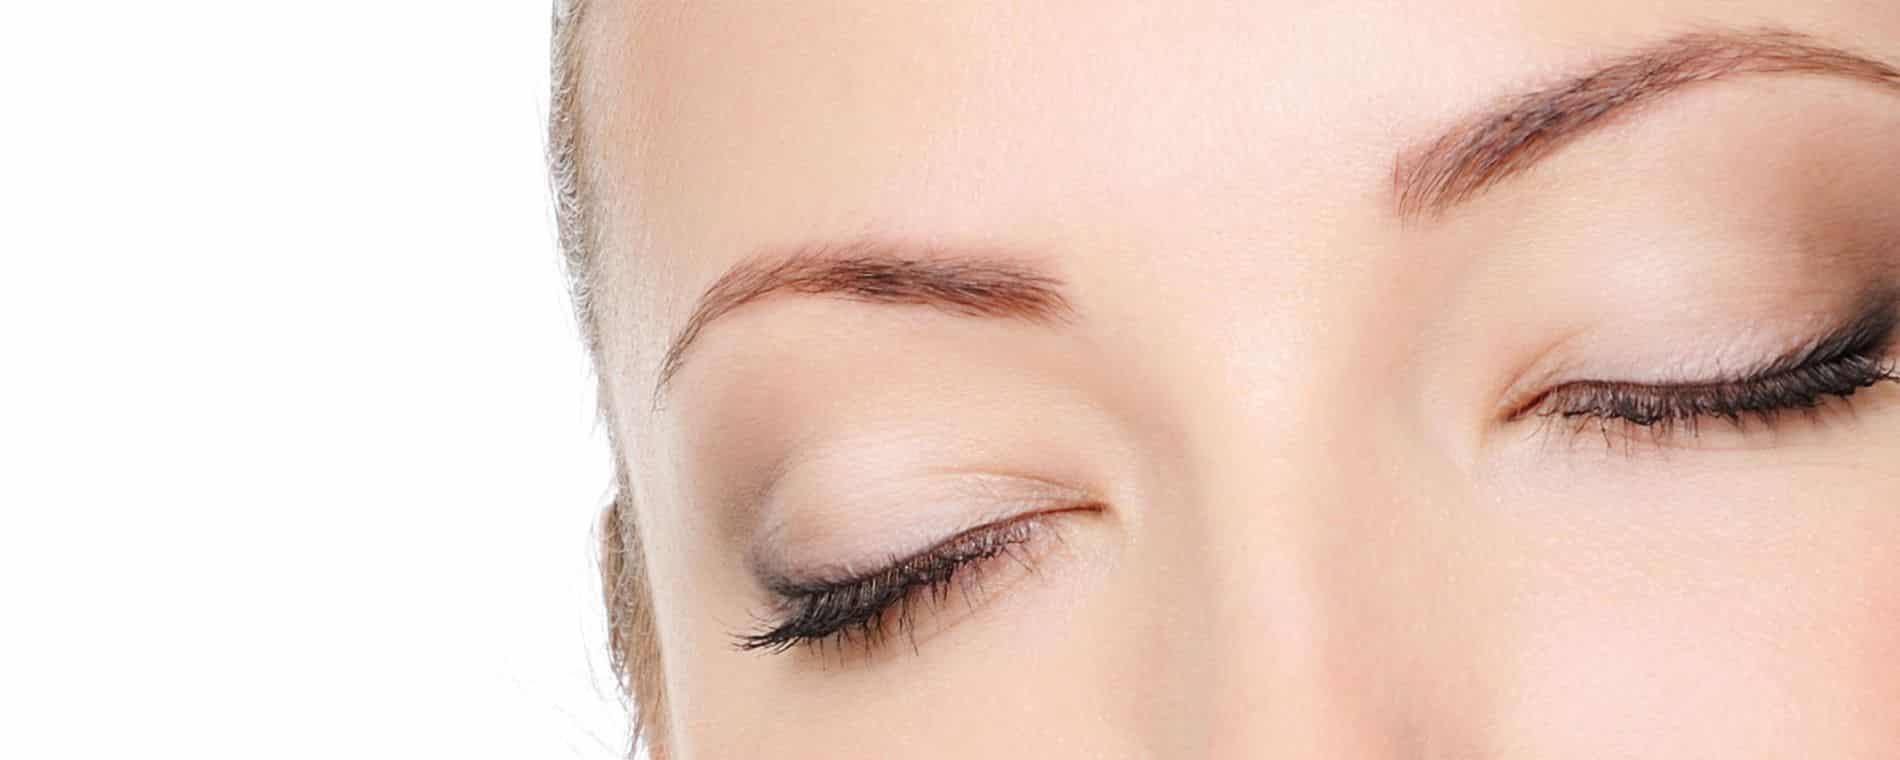 La blefaroplastia, también un remedio contra el ojo seco